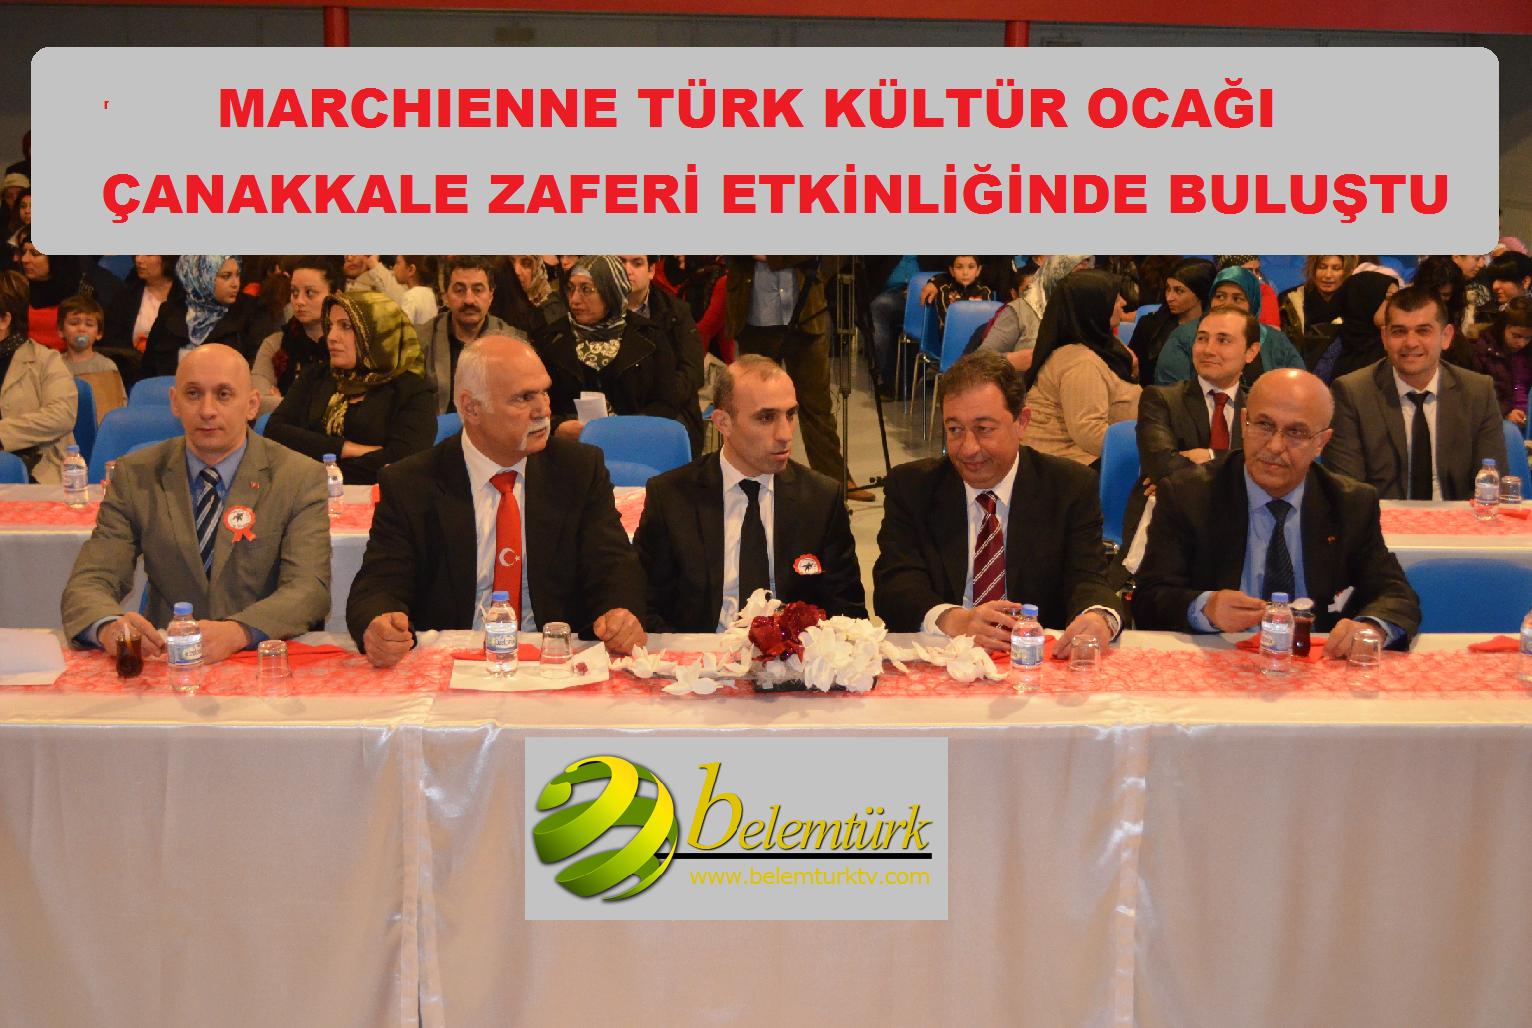 Marchıenne Türk Kültür Ocağı Çanakkale Zaferi Etkinliği  Düzenledi